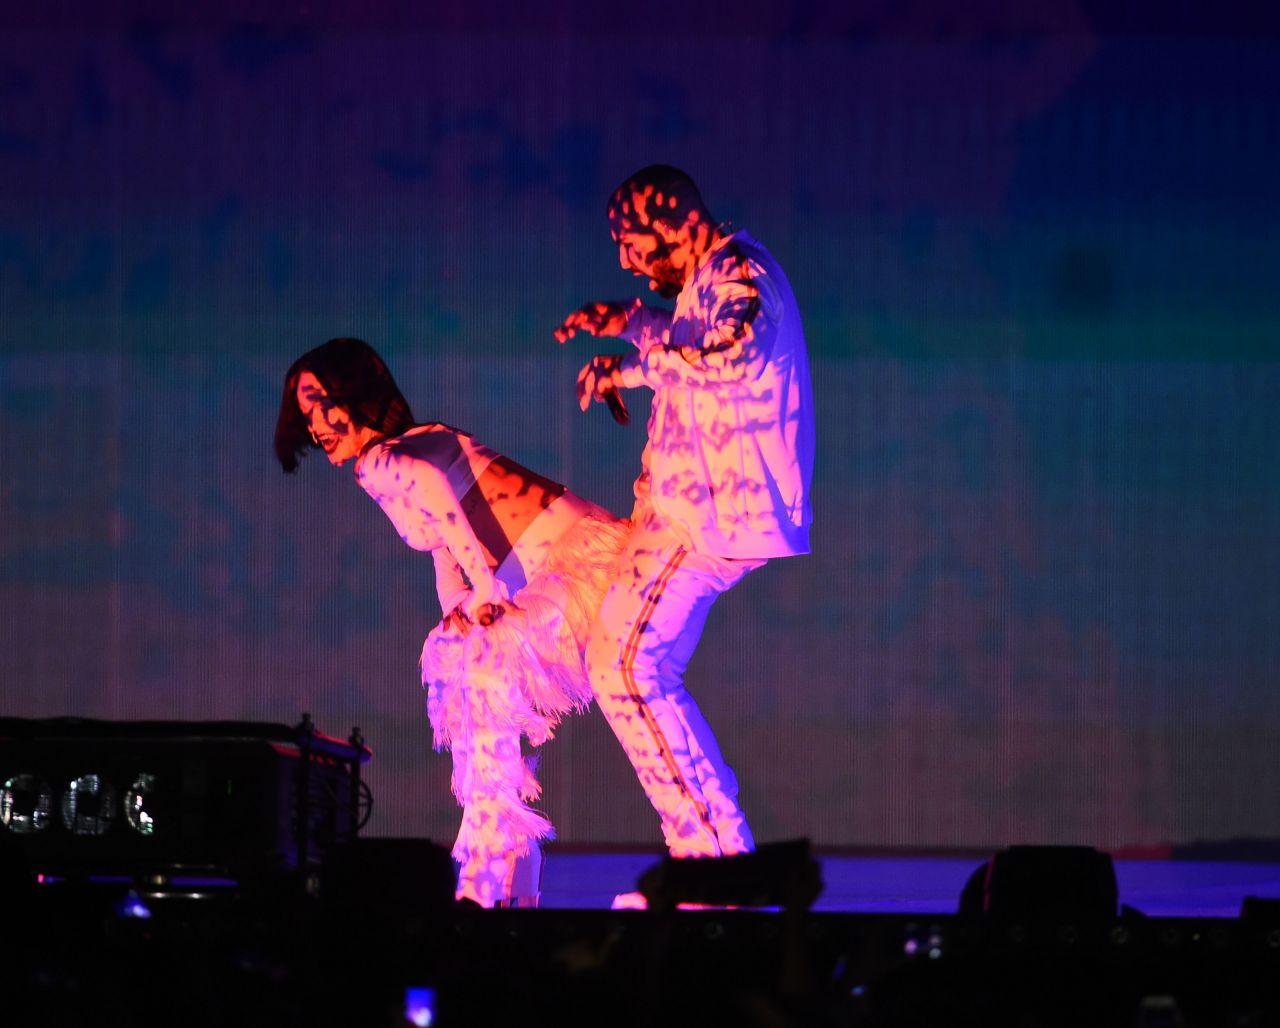 rihanna-performs-at-brit-awards-2016-o2-arena-in-london-uk-5